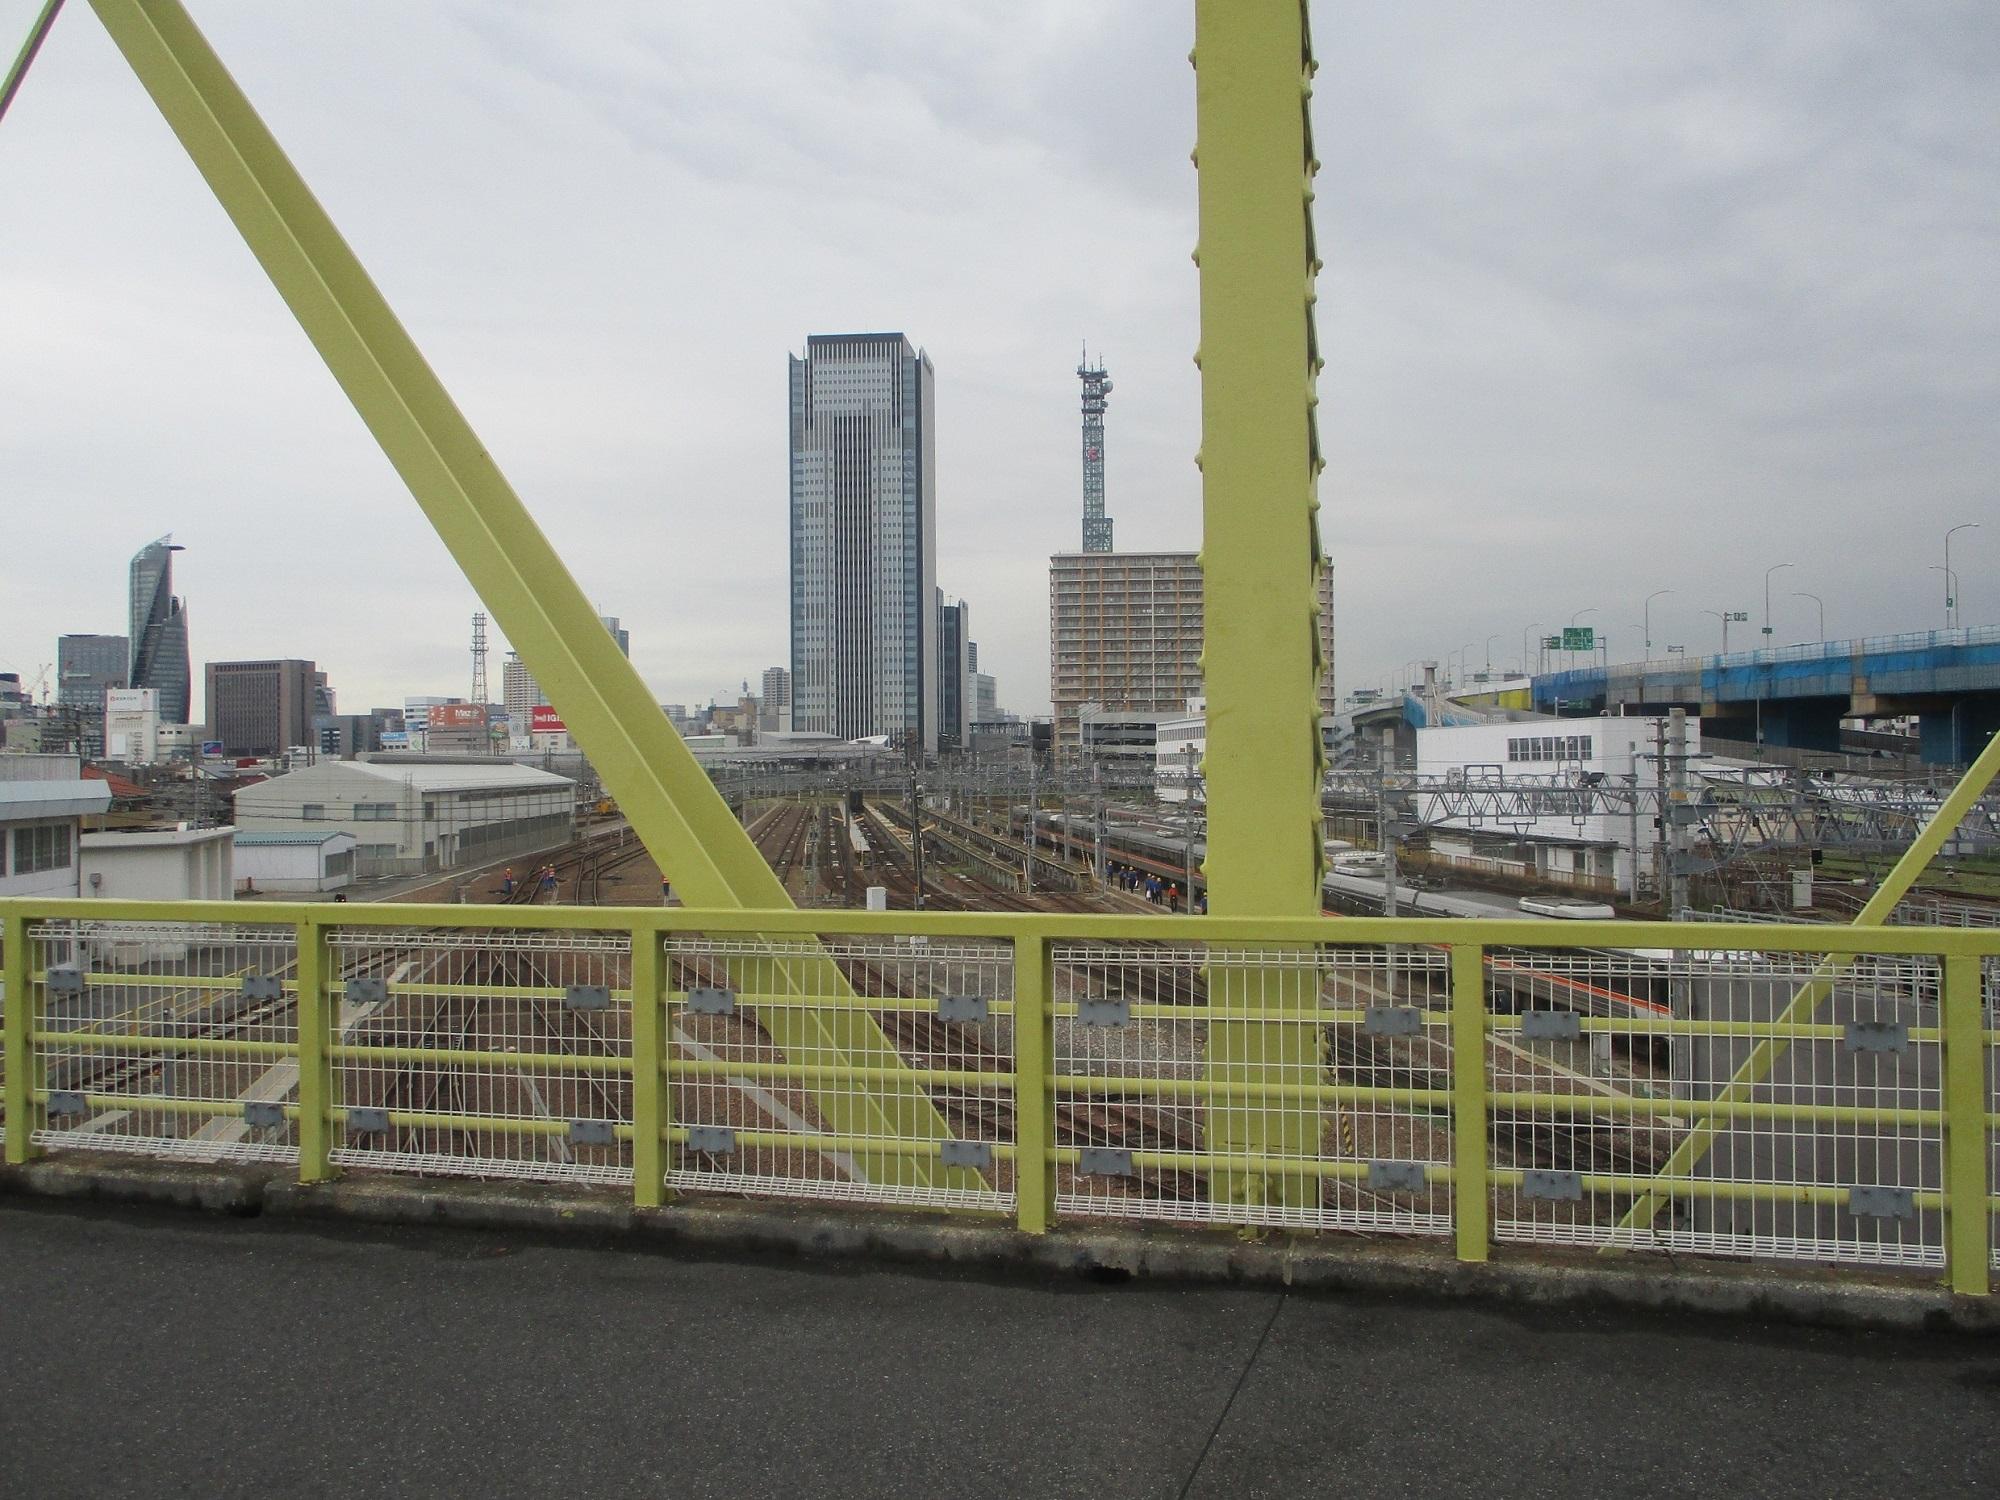 2019.9.18 (40) 向野橋からひがしむき 2000-1500